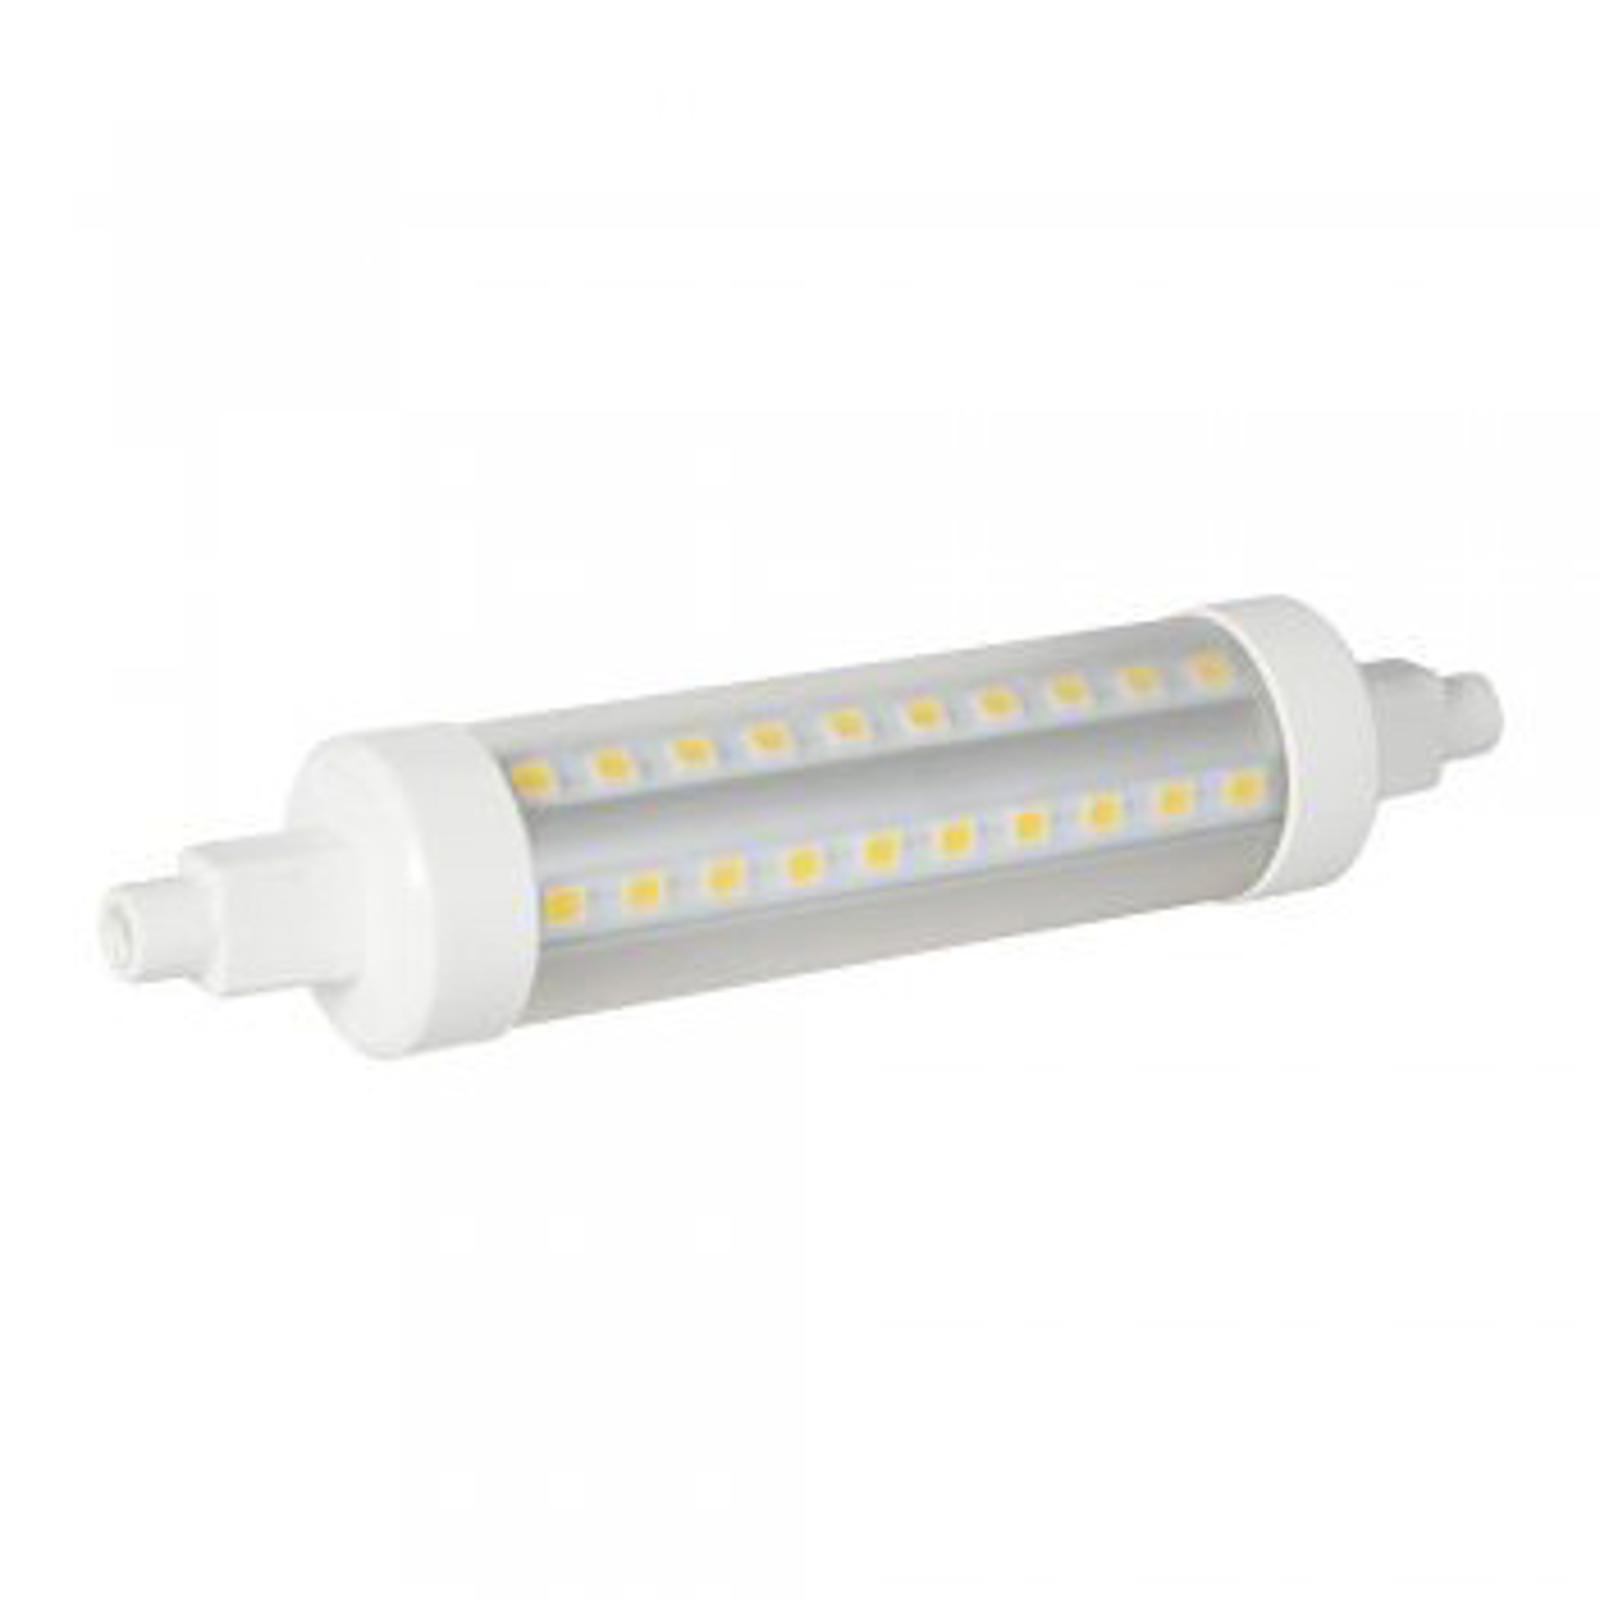 R7s 8W 827 żarówka LED VEO, rurkowa